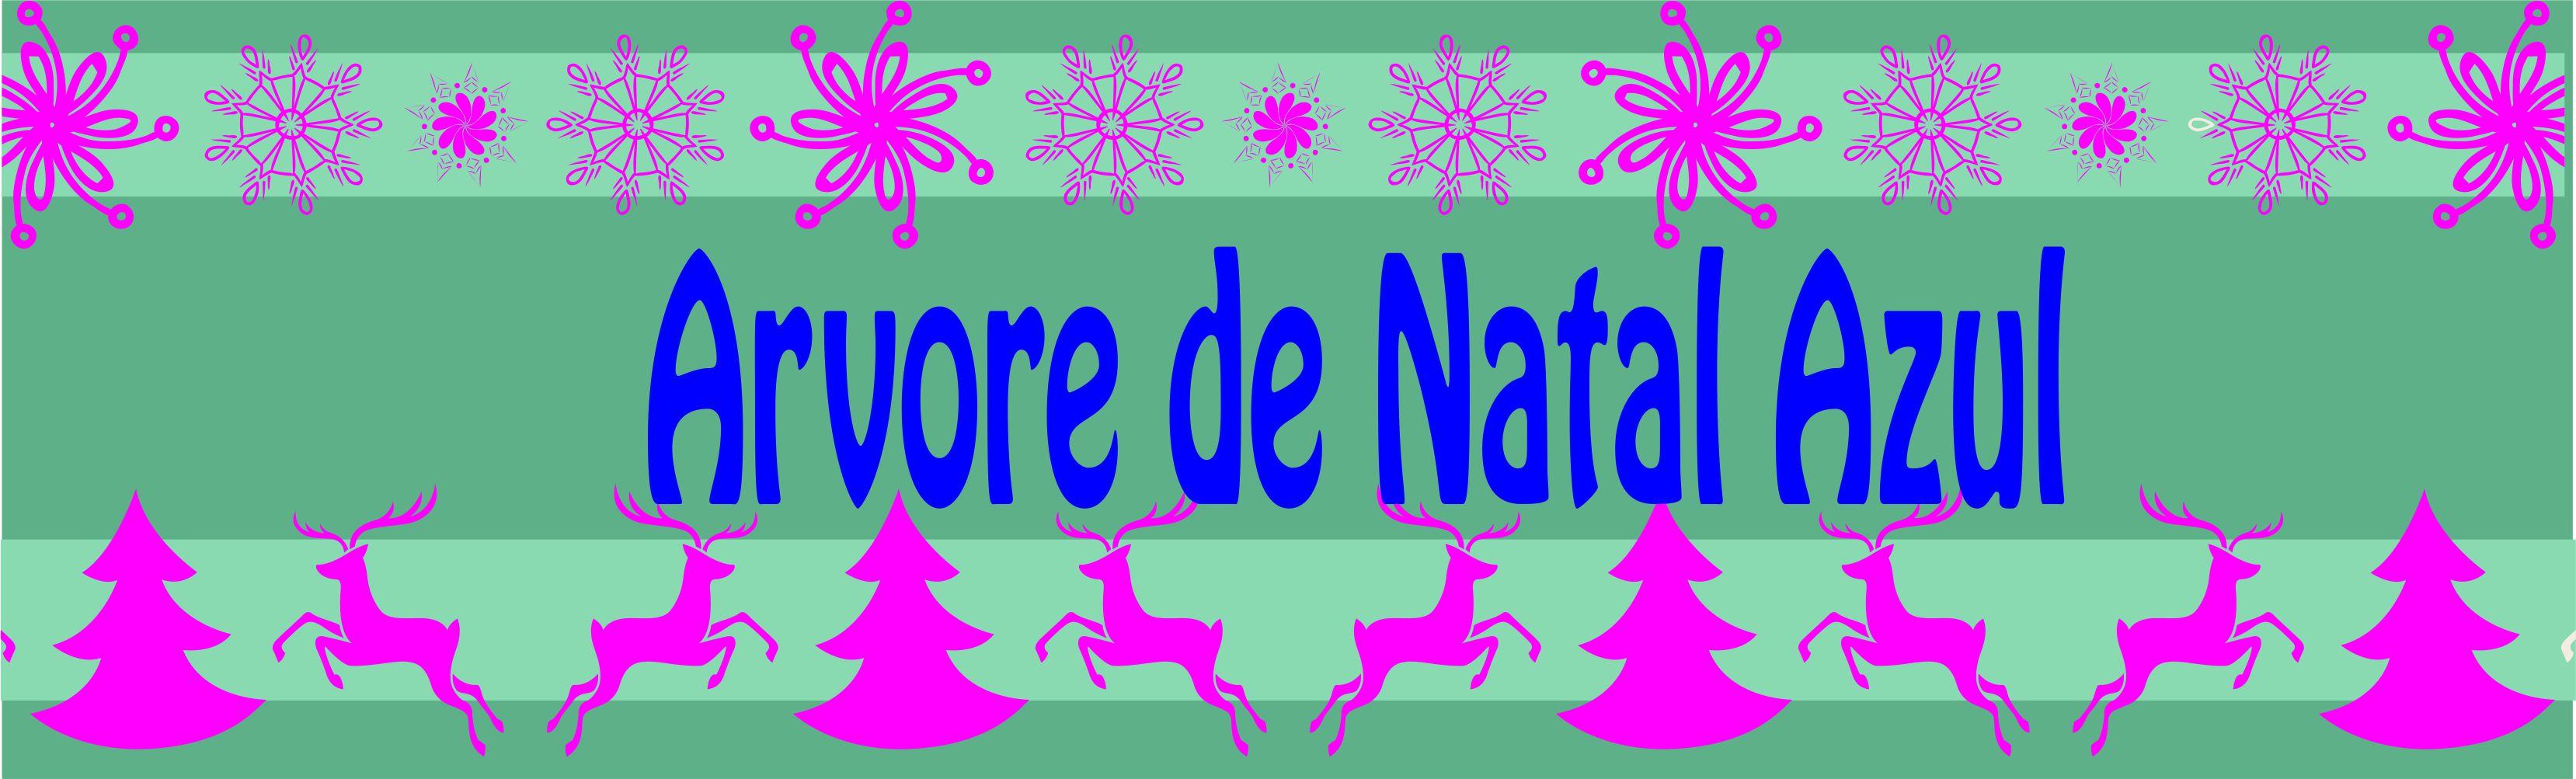 Christmas Tree Blue – Arvore de Natal Azul